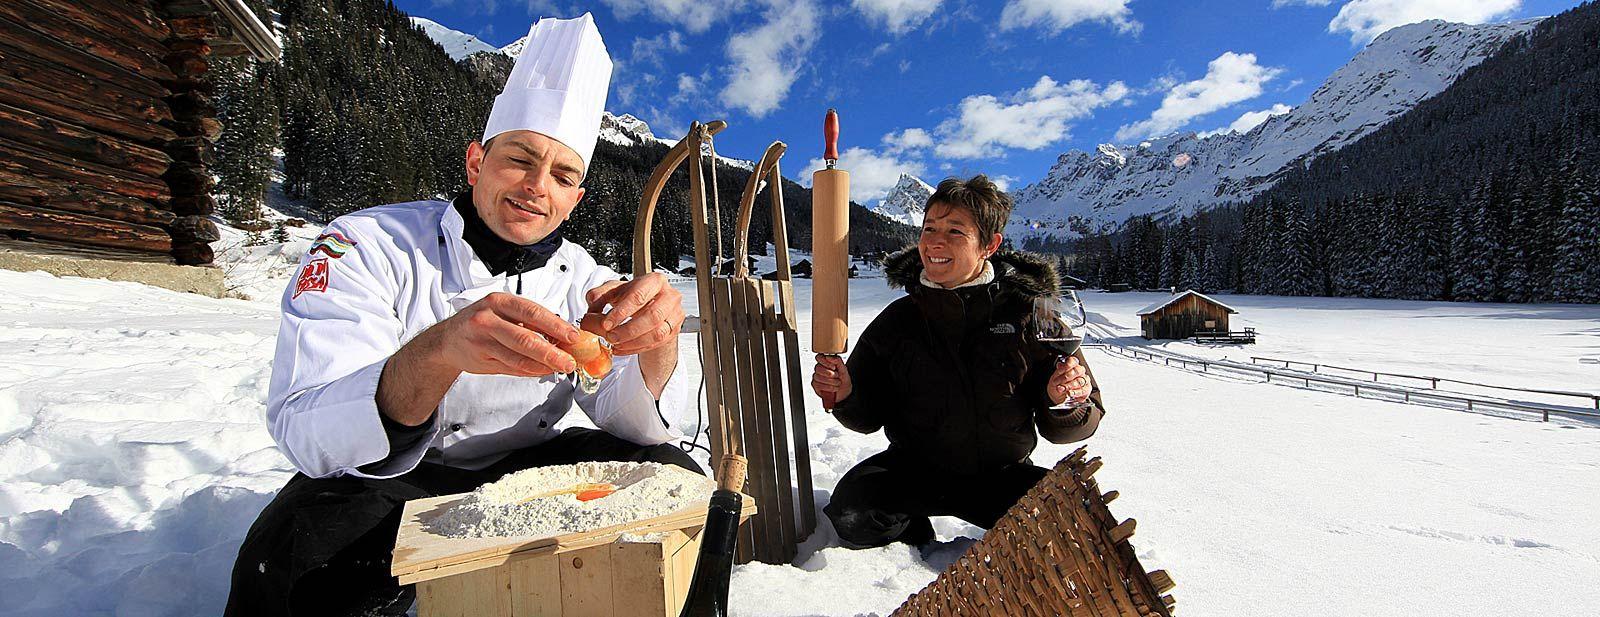 Arta culinara Val di Fassa